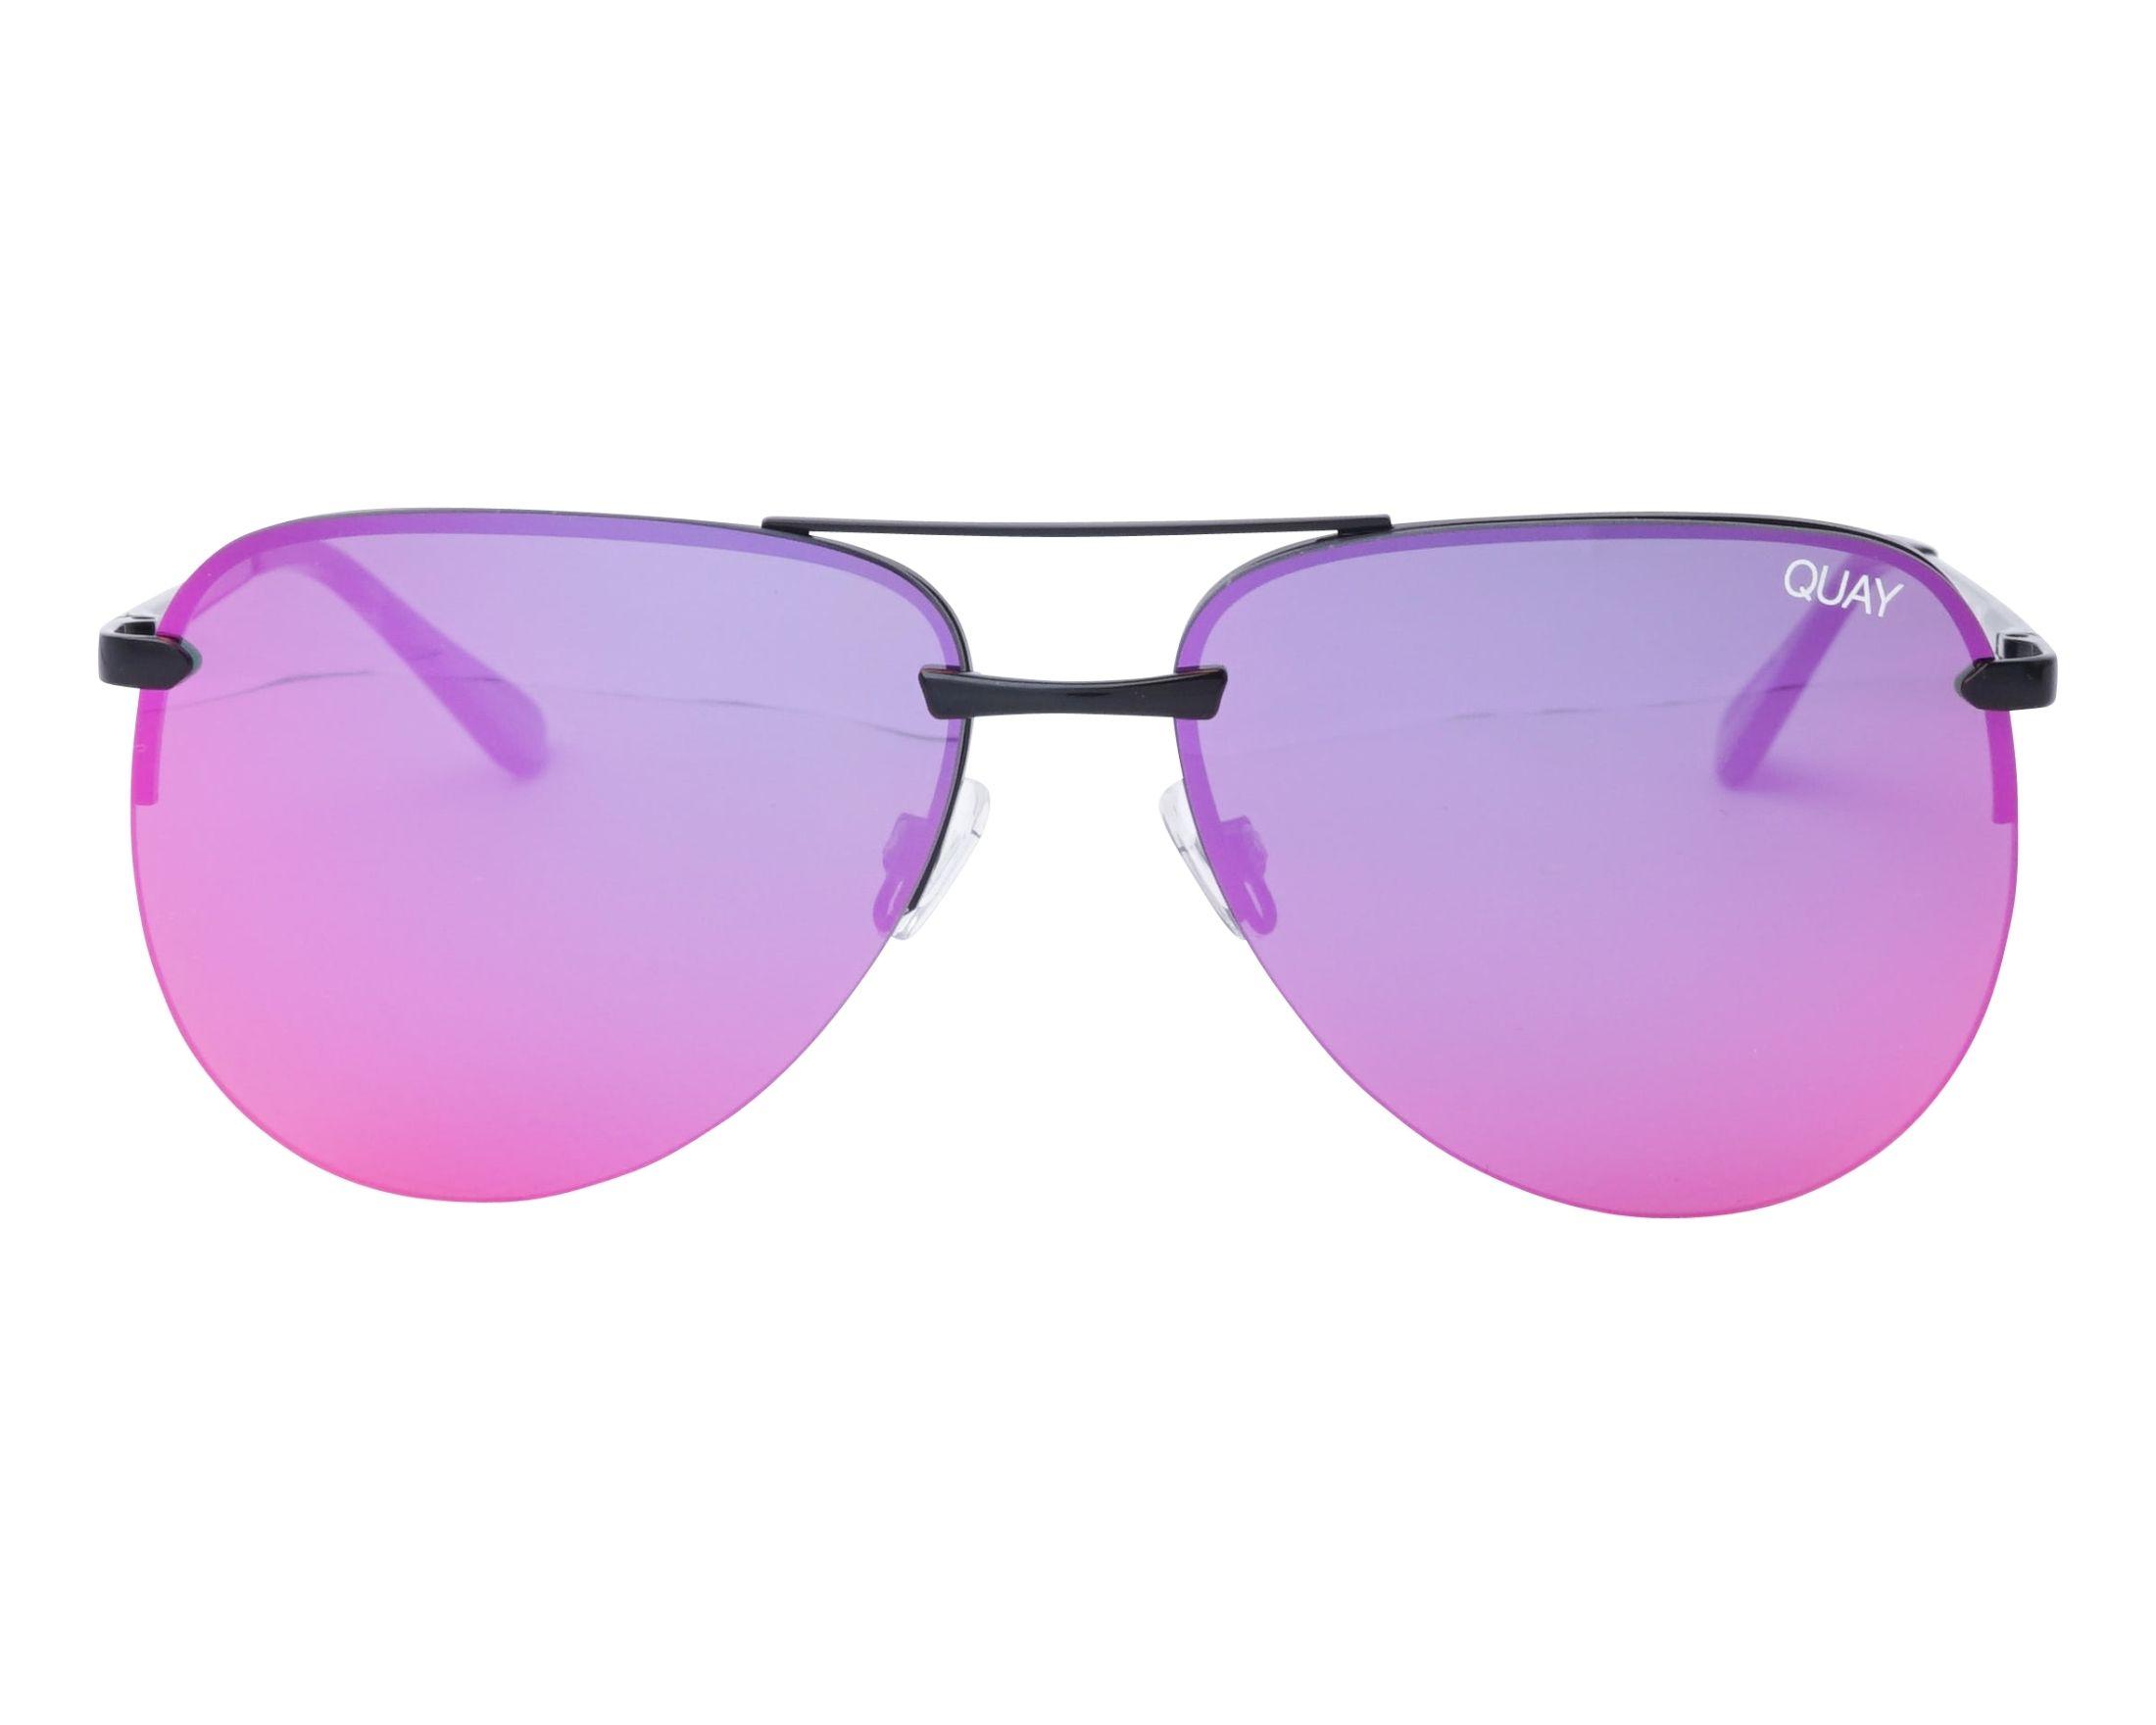 Lunettes de soleil Quay Australia QW-000156 THE PLAYA Pink //. 4Kn9y7